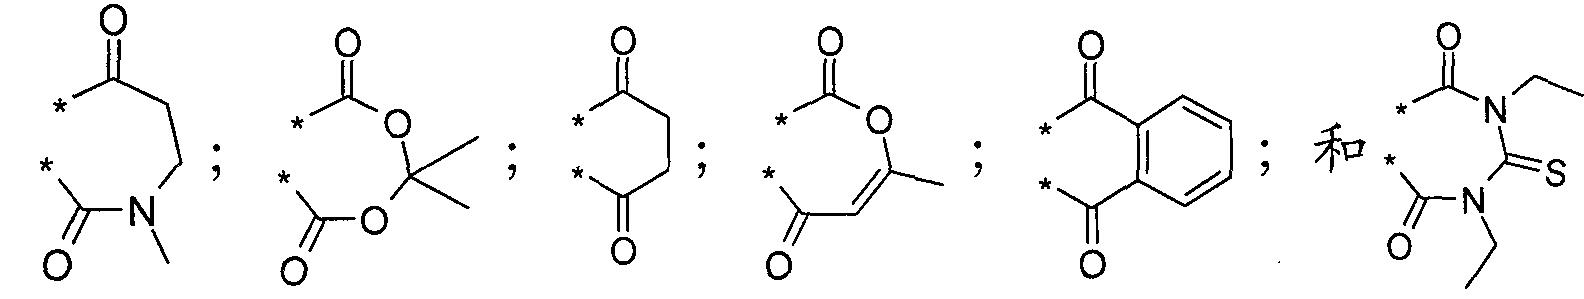 Figure CN101277674BC00026